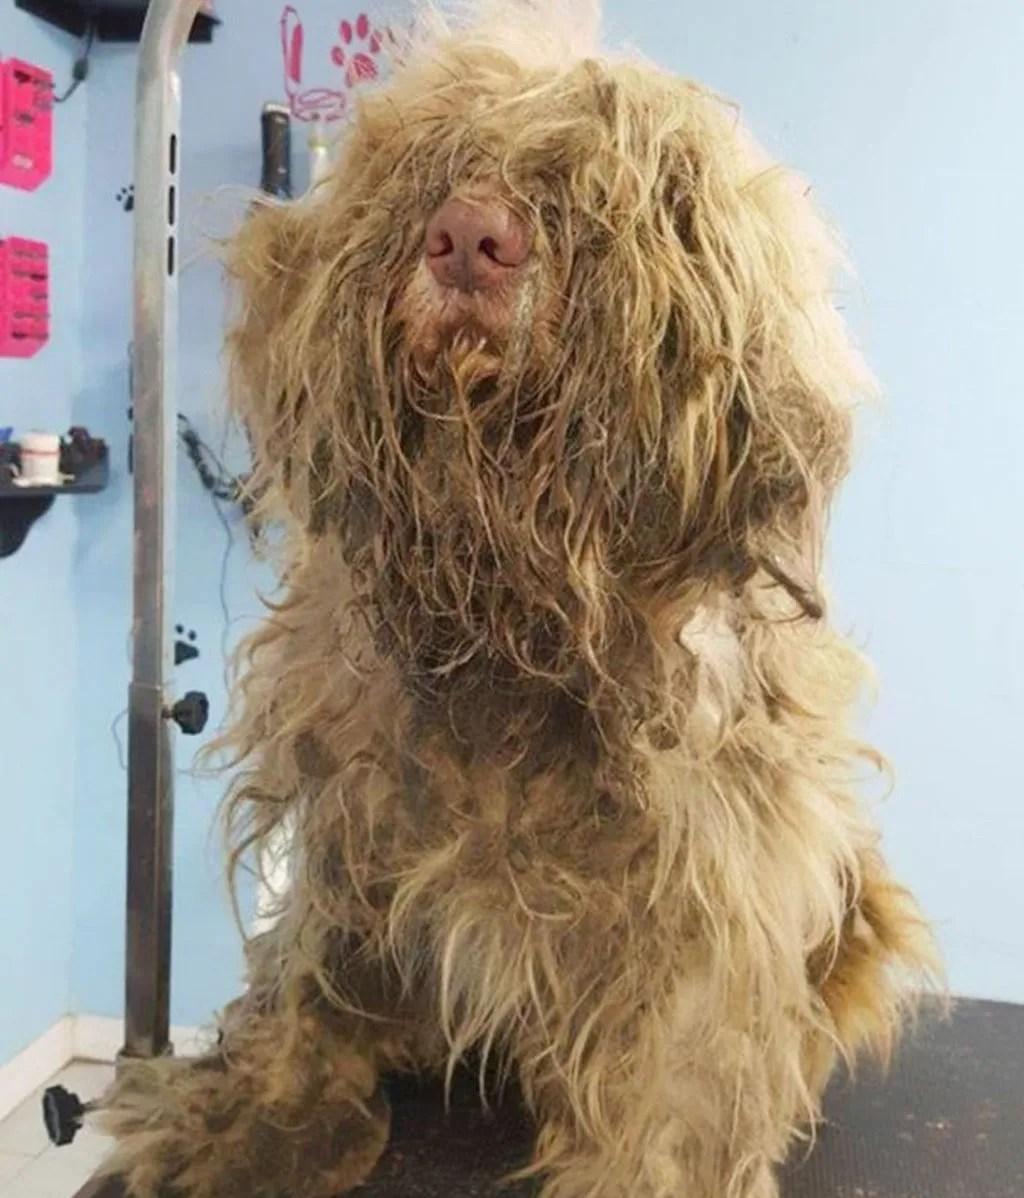 Ayudó a un perro callejero en medio de la noche y el cambio es increíble